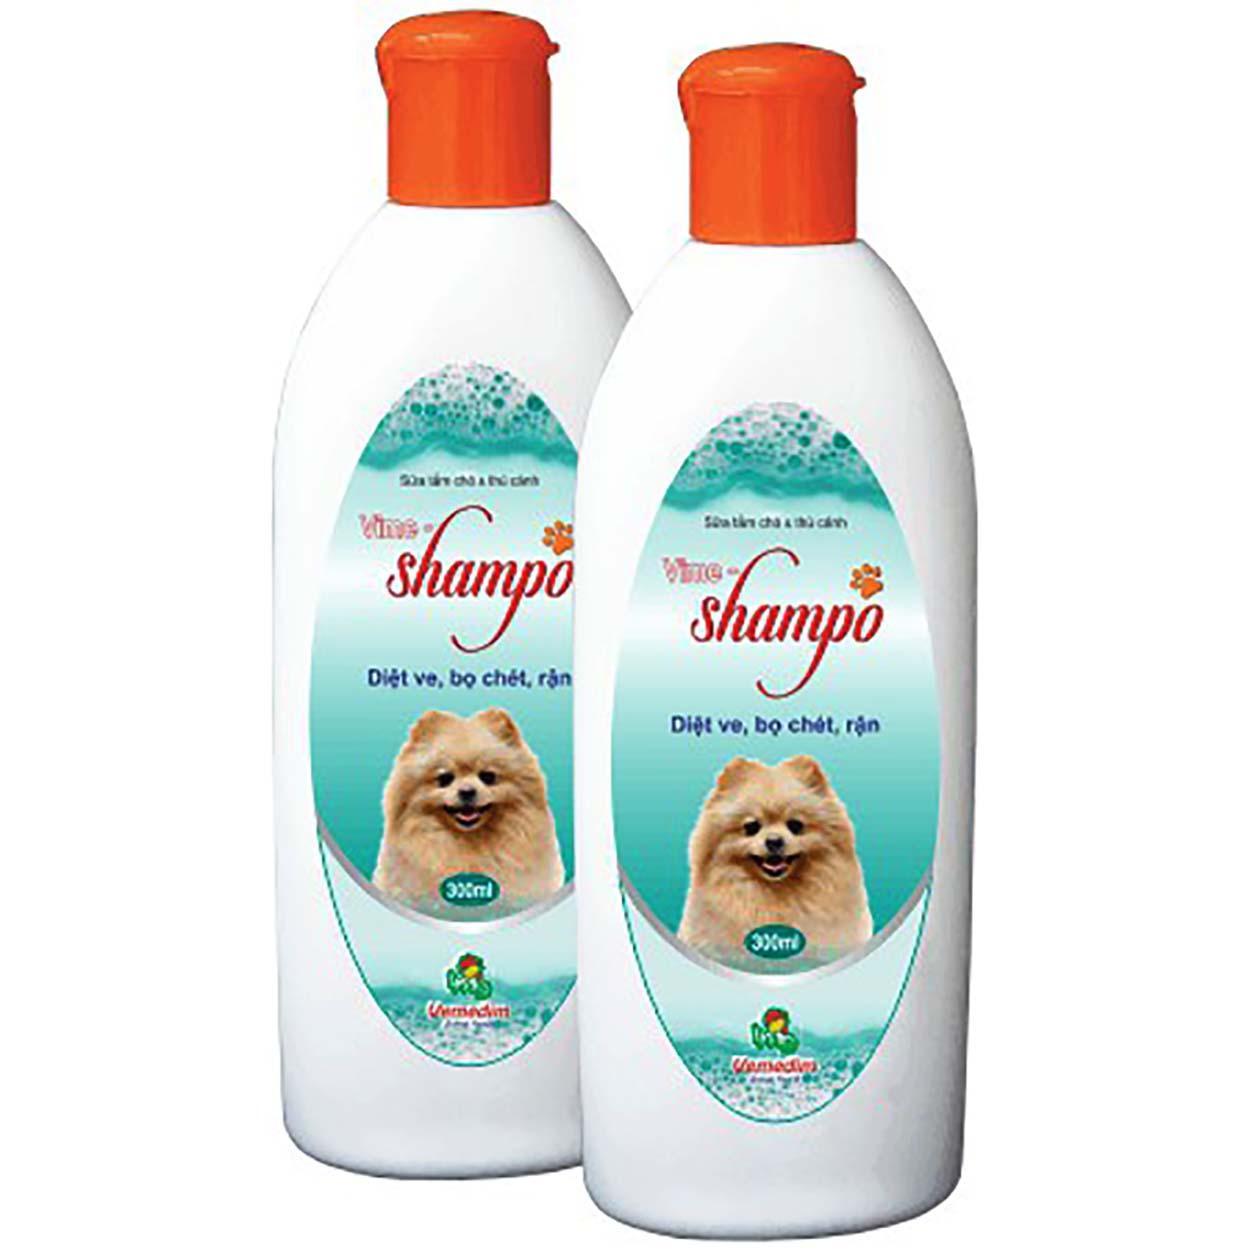 Sữa Tắm Thơm, Diệt Bọ Chét, Mềm Lông An Toàn Hiệu Quả Cho Chó Mèo - Vime Shampo Nhật Bản